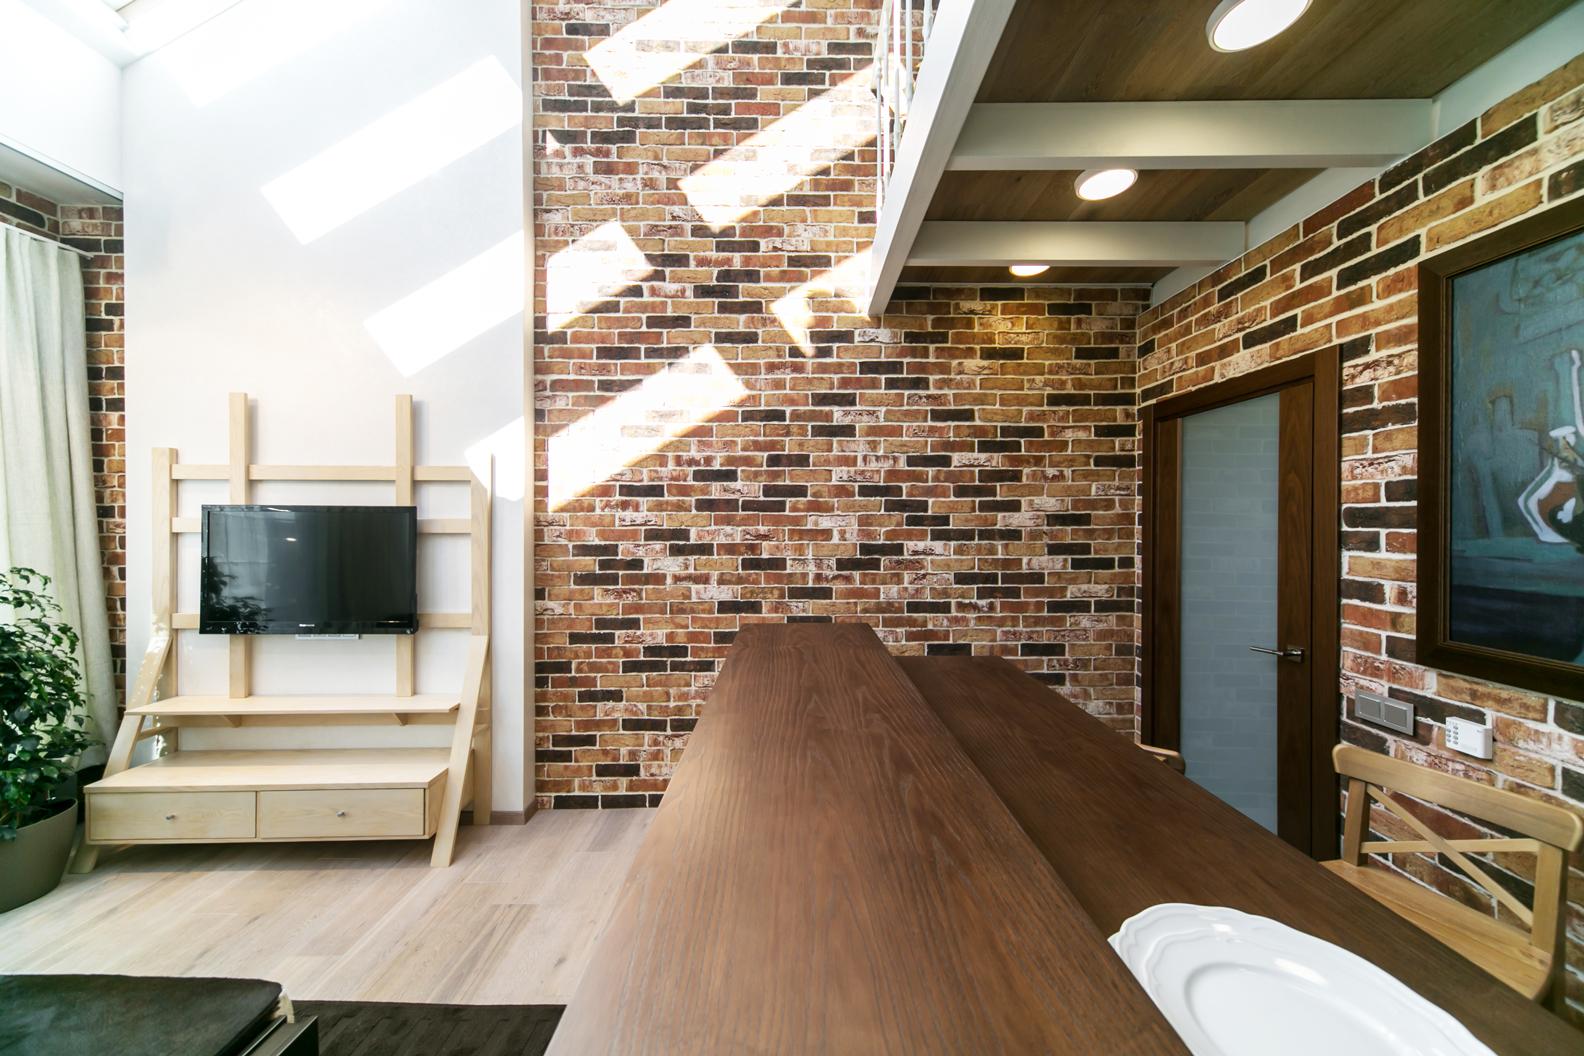 Клинкерная плитка под кирпич в отделке интерьера гостиной-кухни